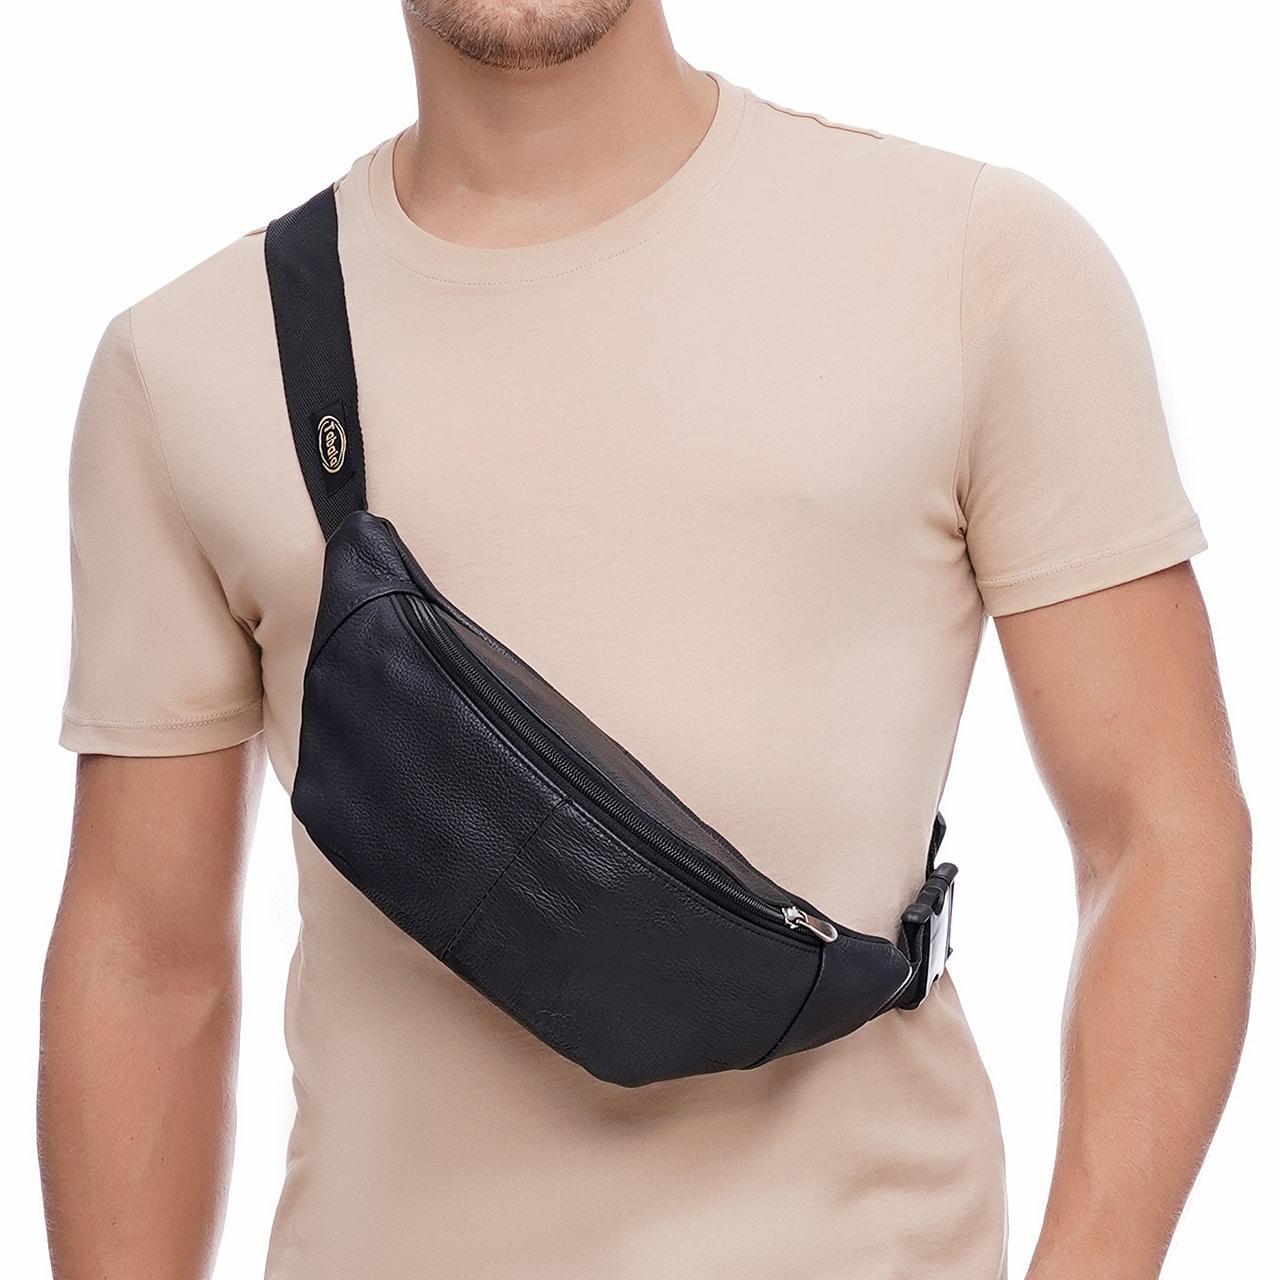 Кожаная сумка на пояс City, цвет Черный